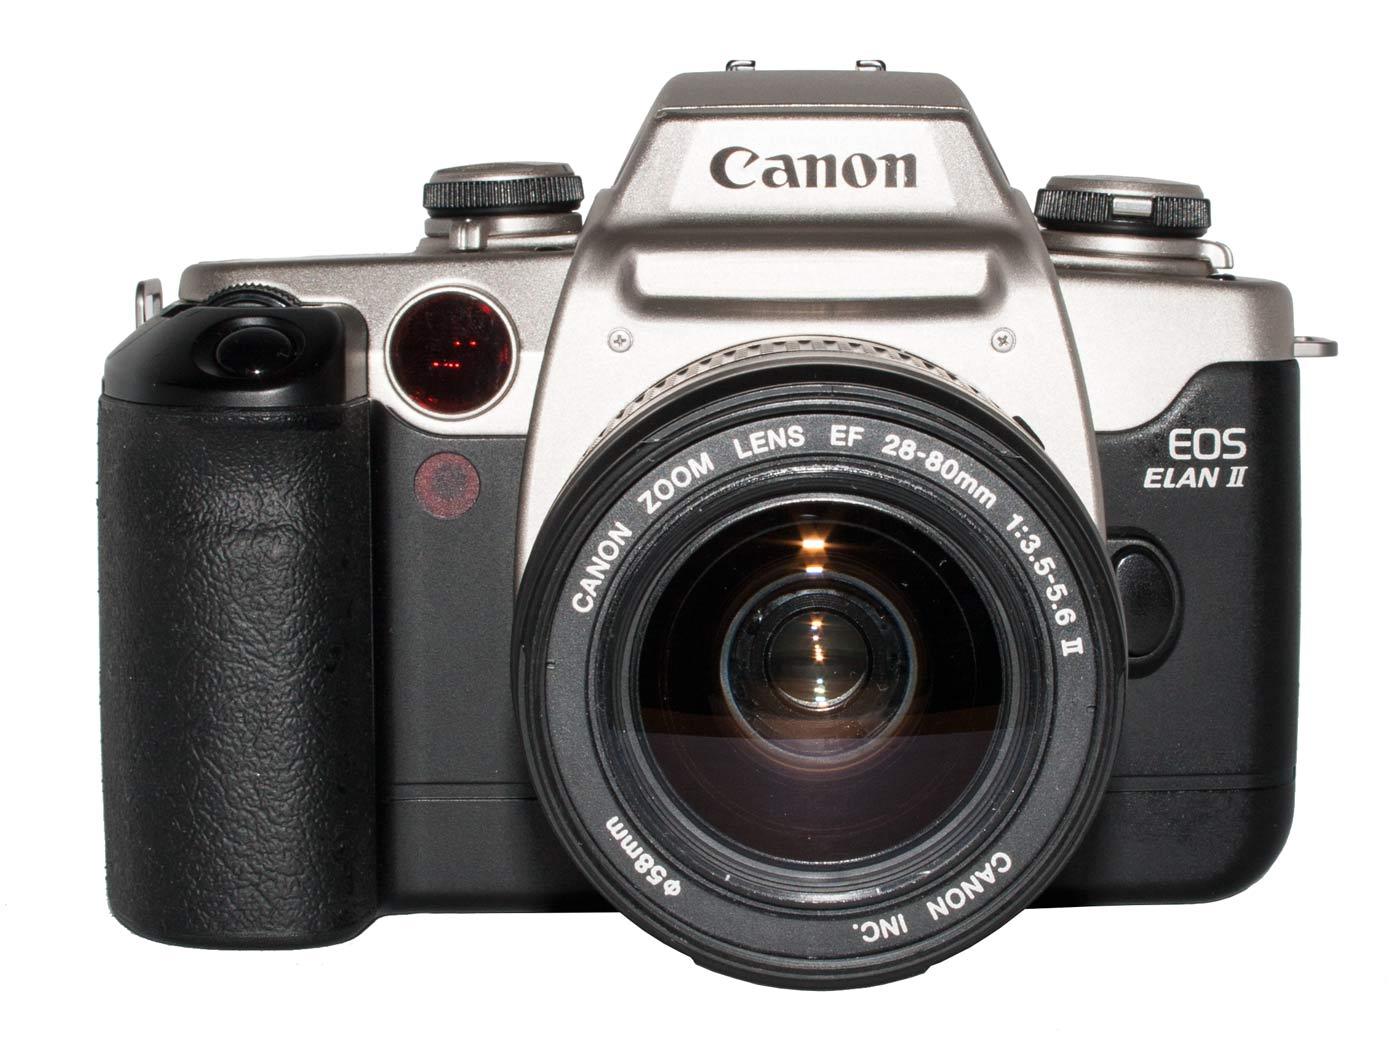 Canon EOS Elan